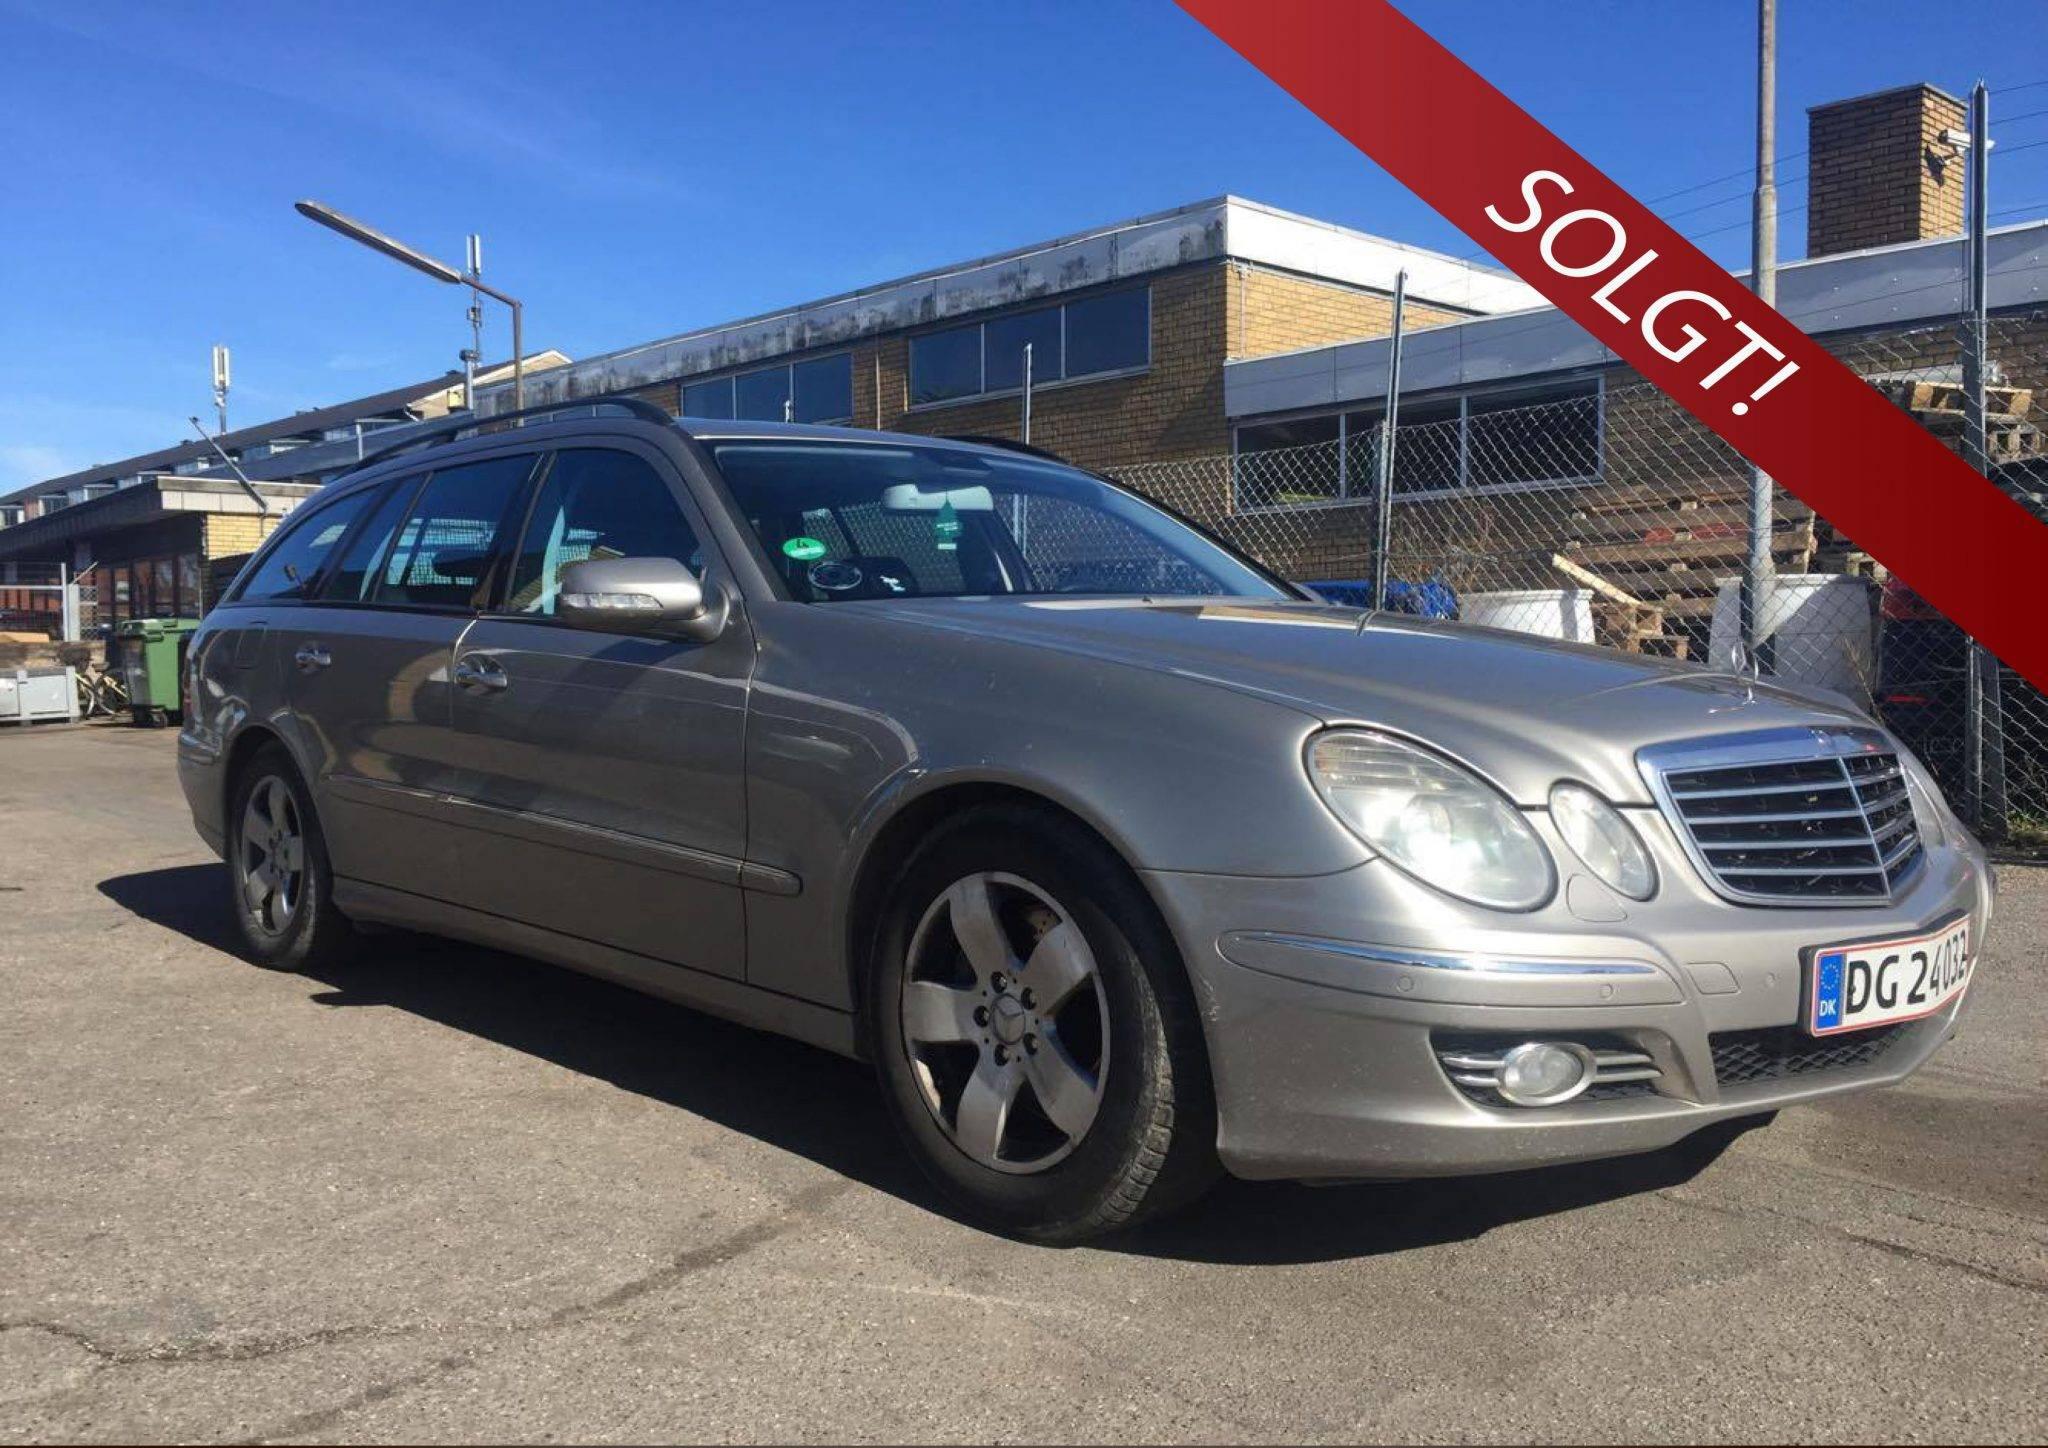 Mercedes 320 E solgt - Bilsalg